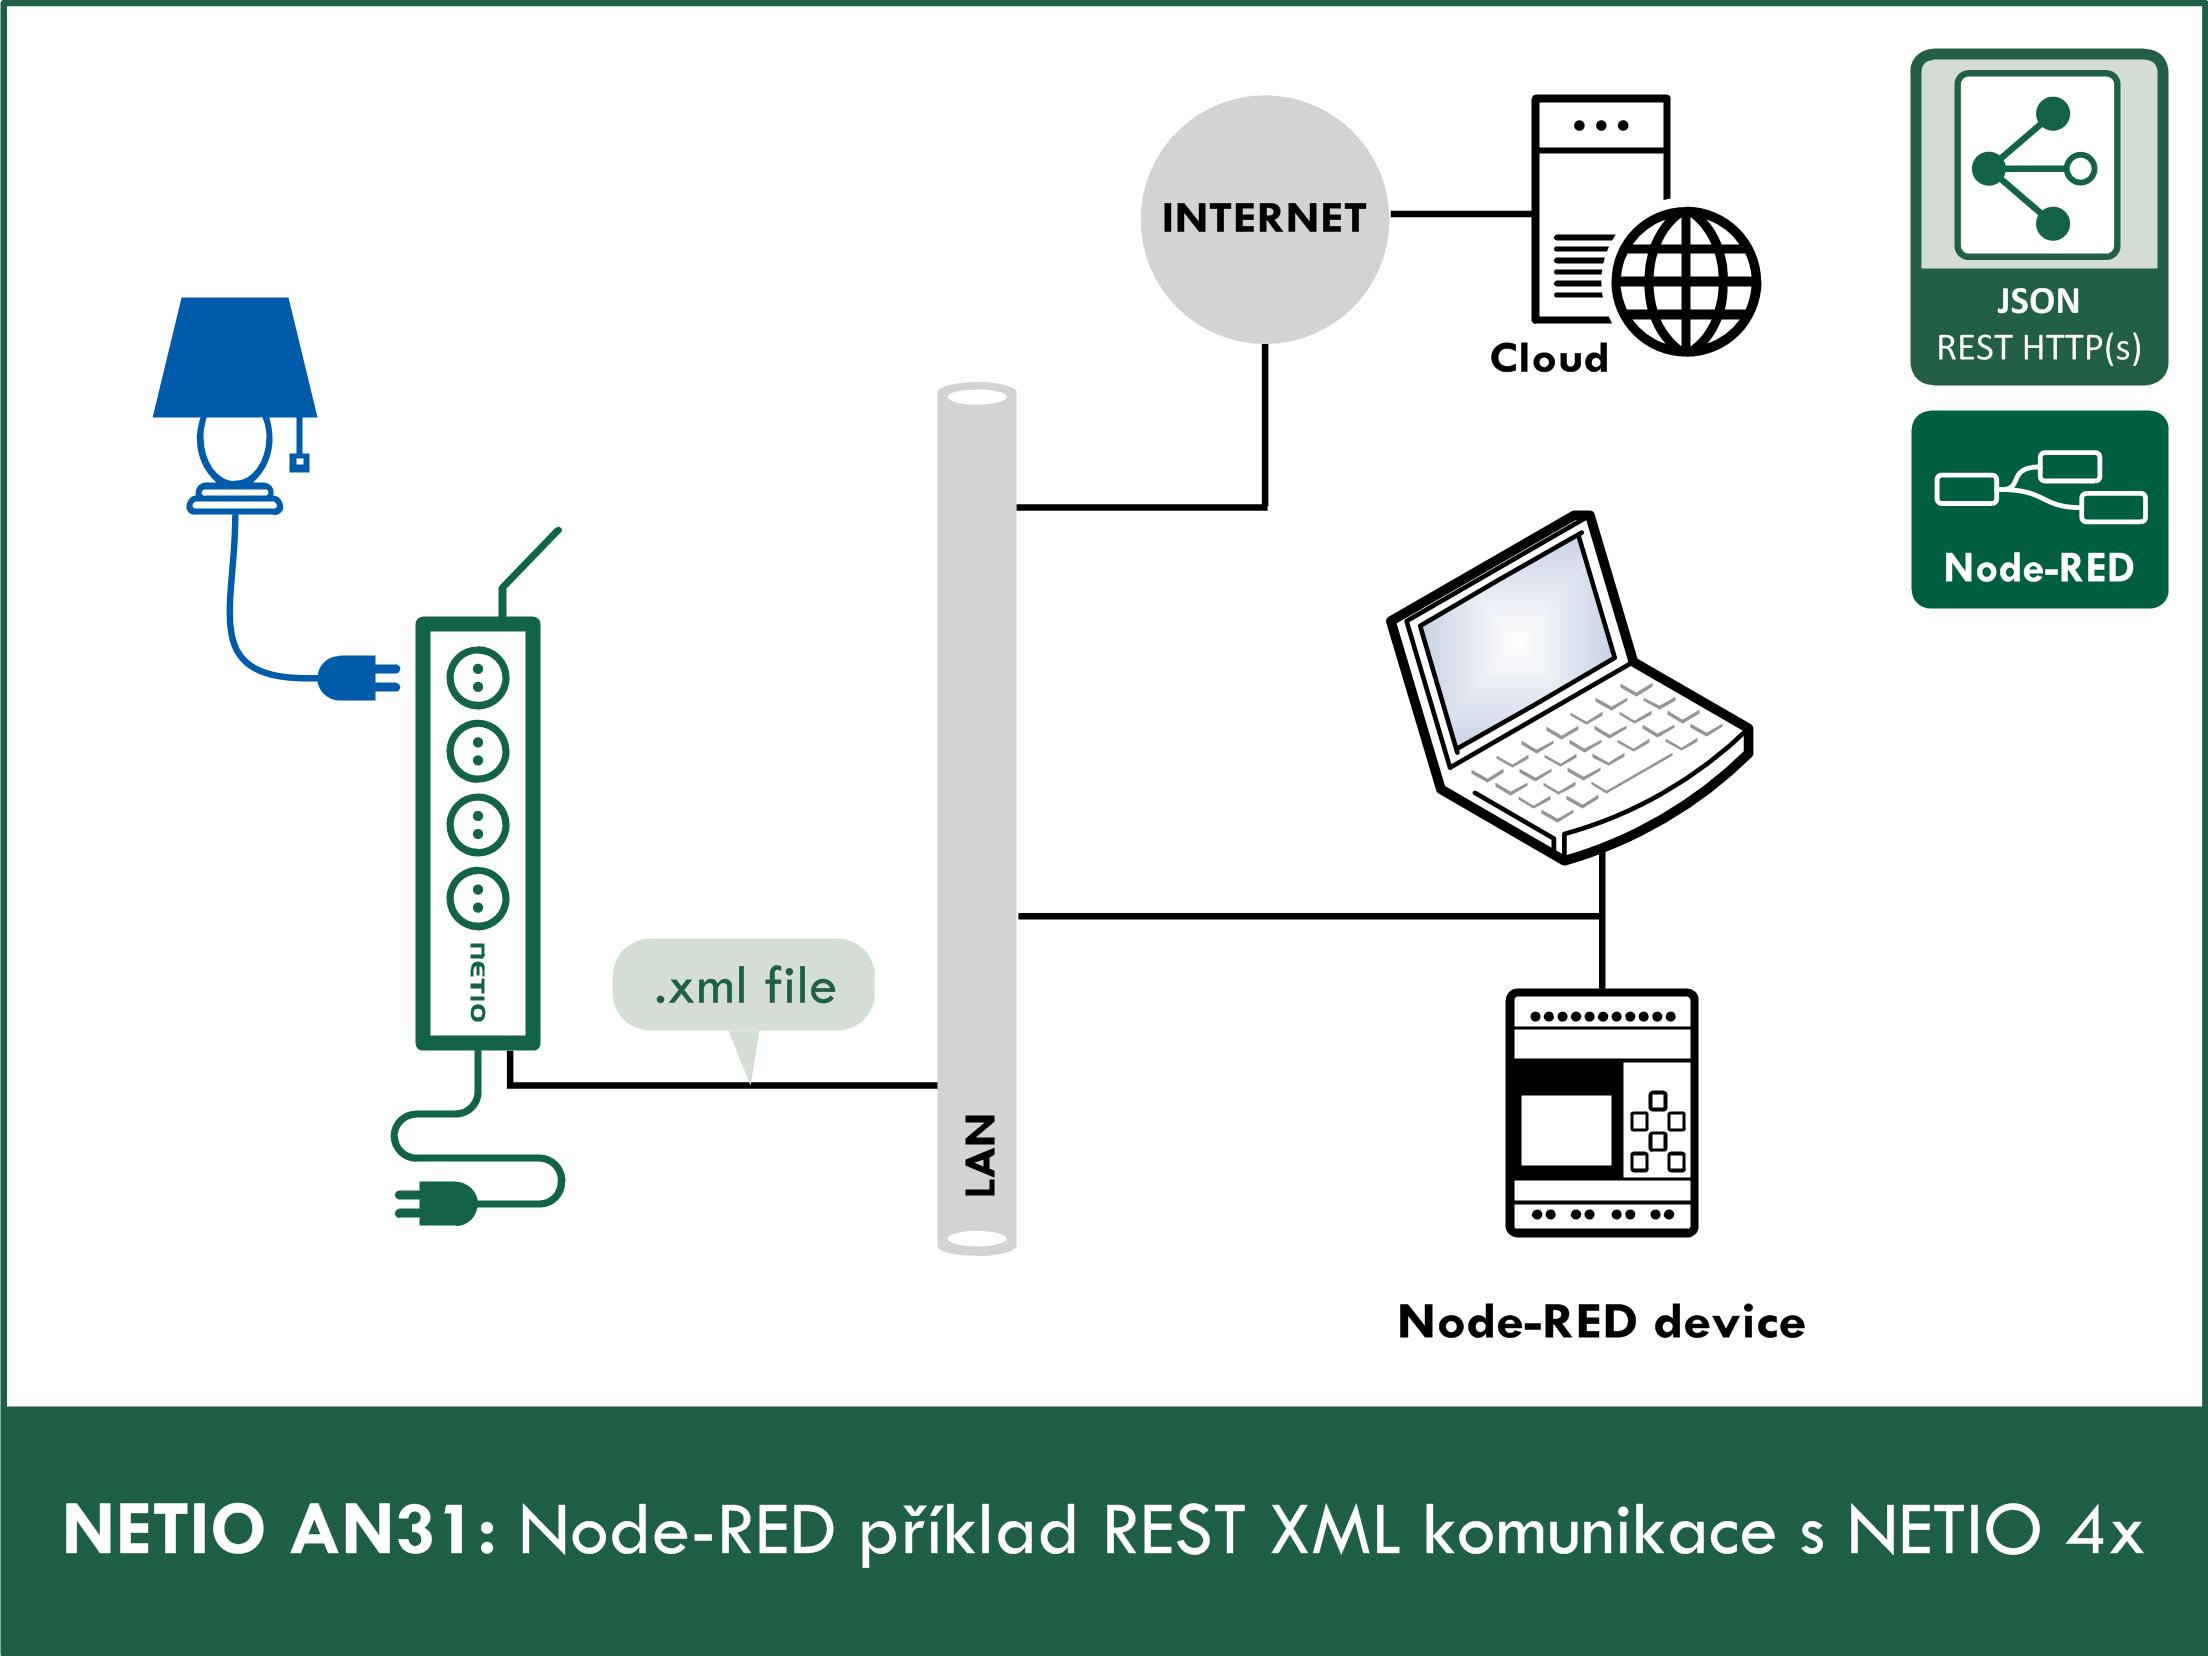 Node-RED příklad REST XML komunikace se zařízením NETIO 4x